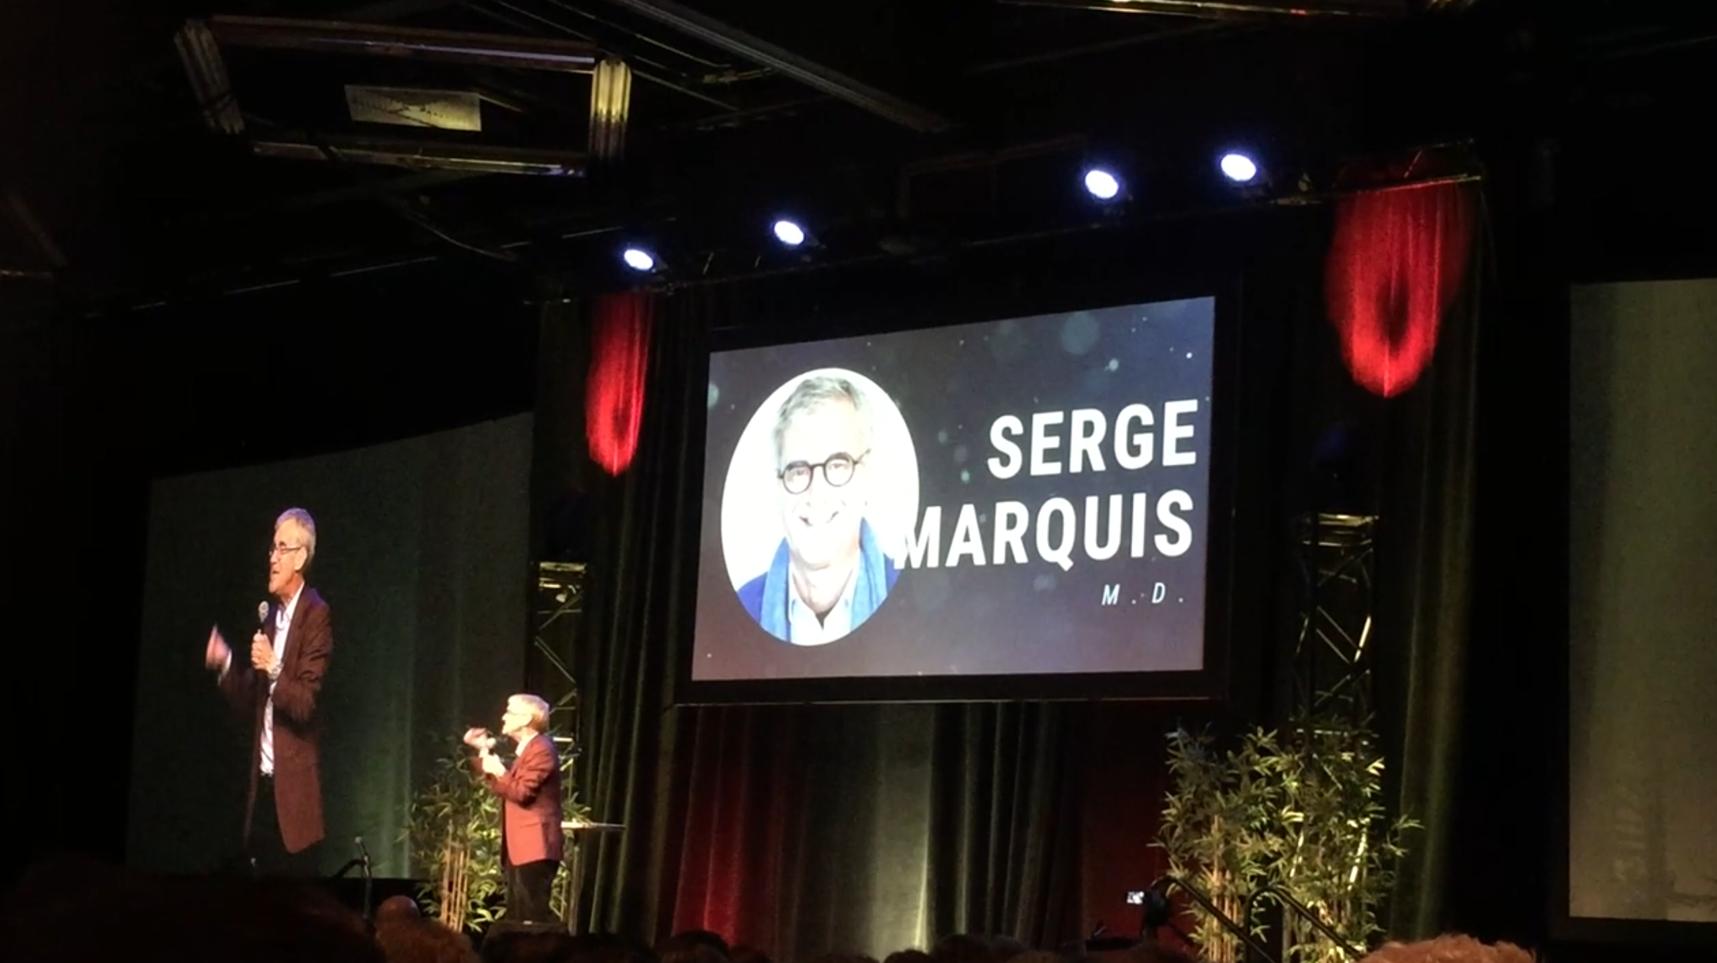 Conférence de Serge Marquis au Palais des Congres Montreal